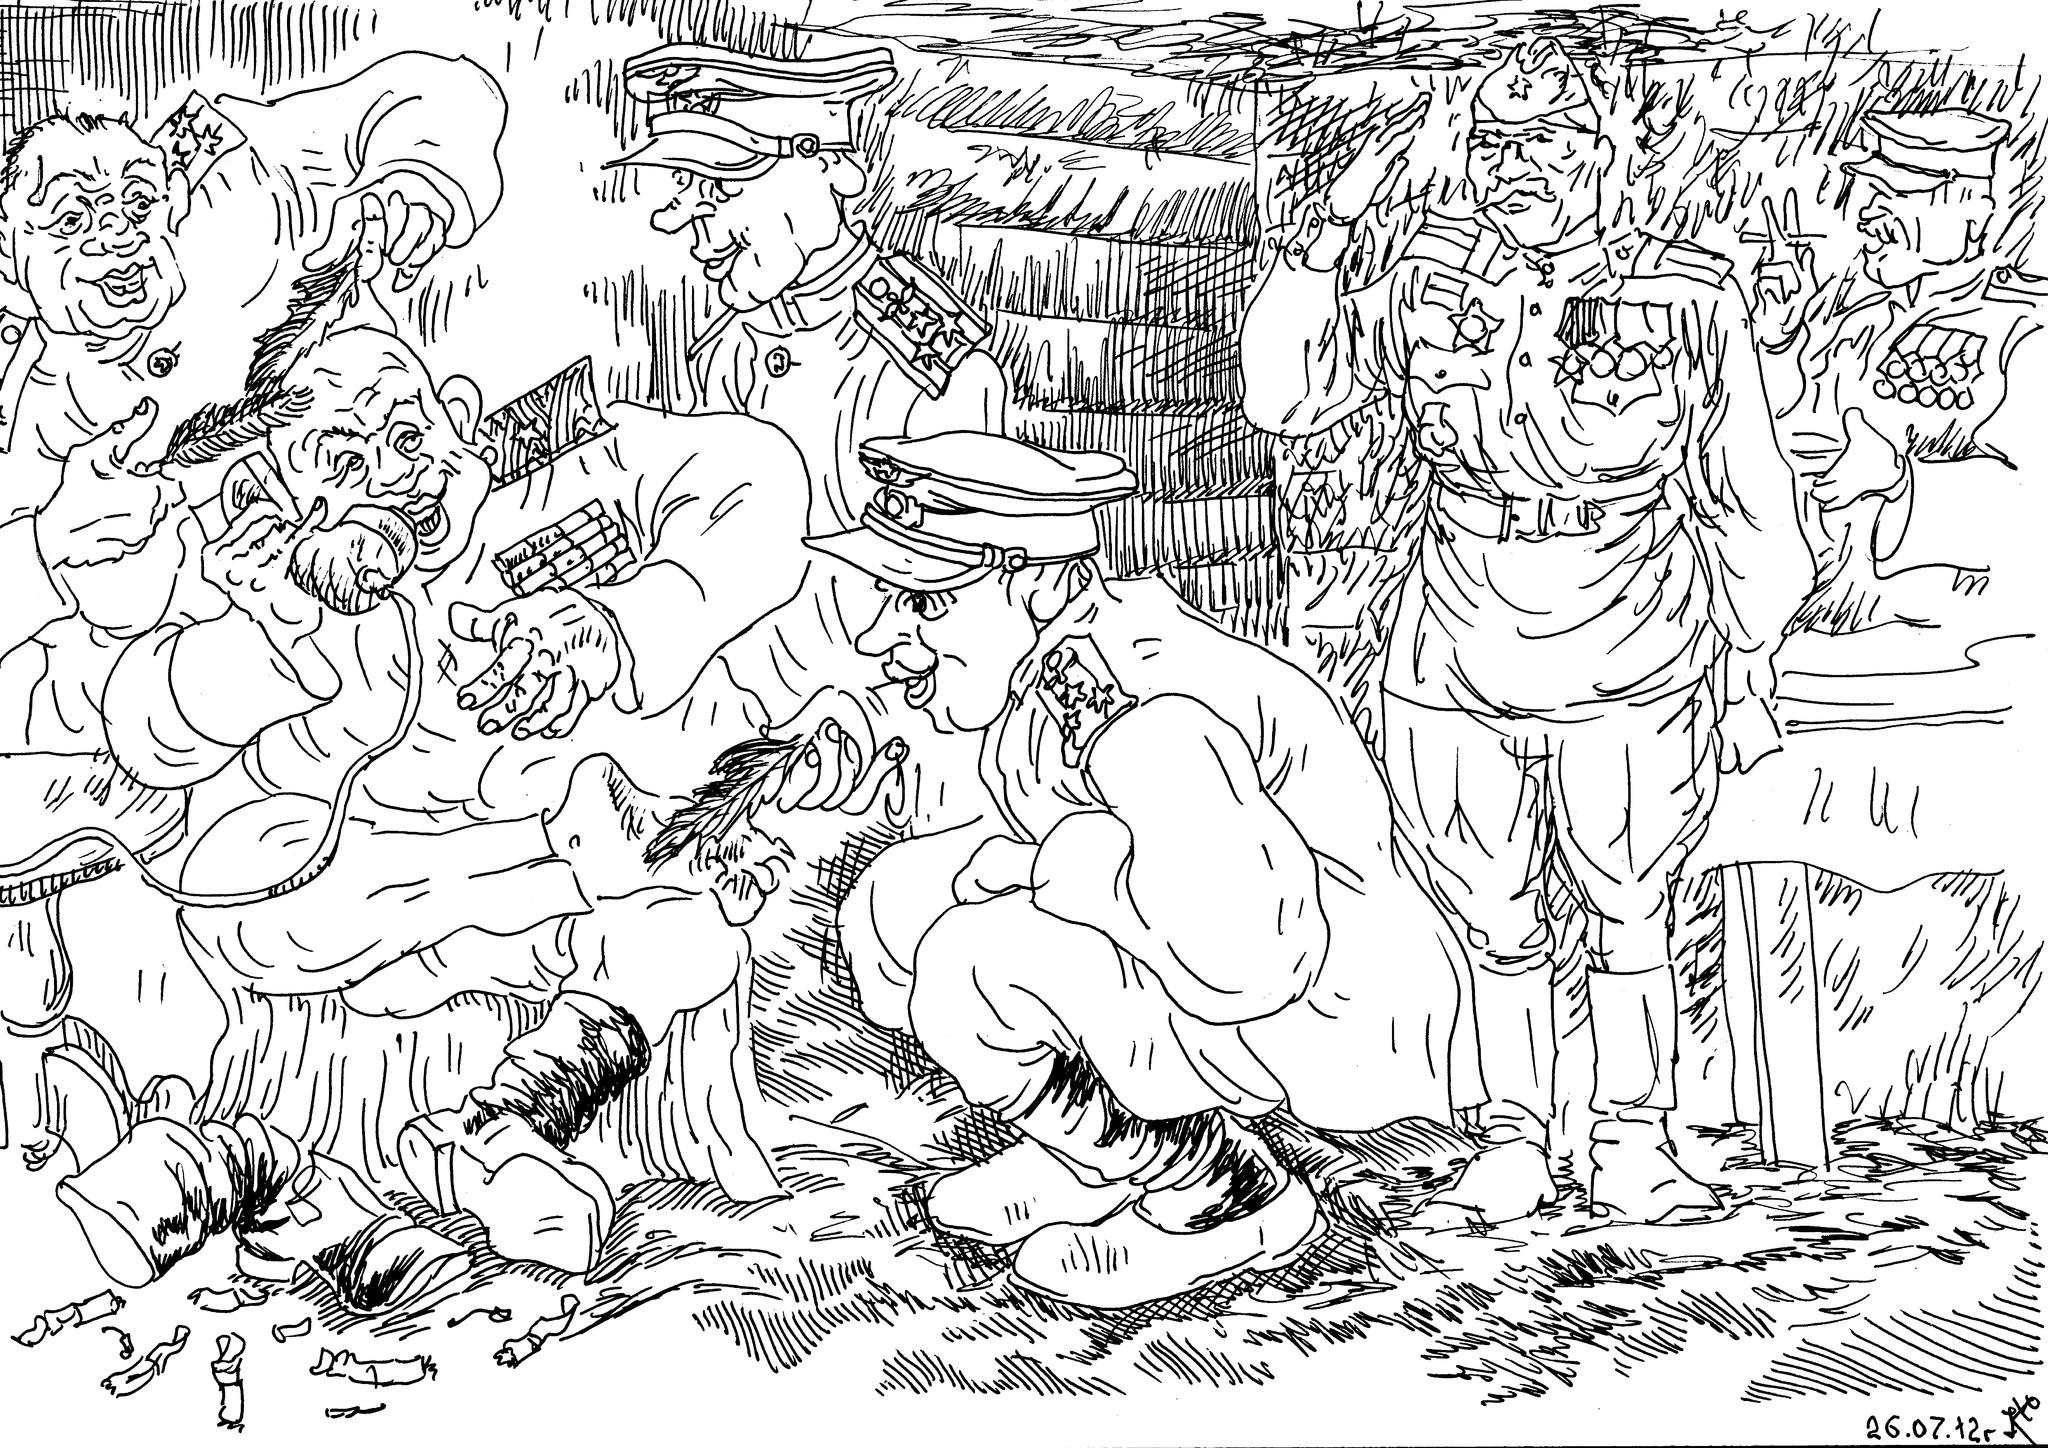 Полководец докладывает Верховному о своей победе